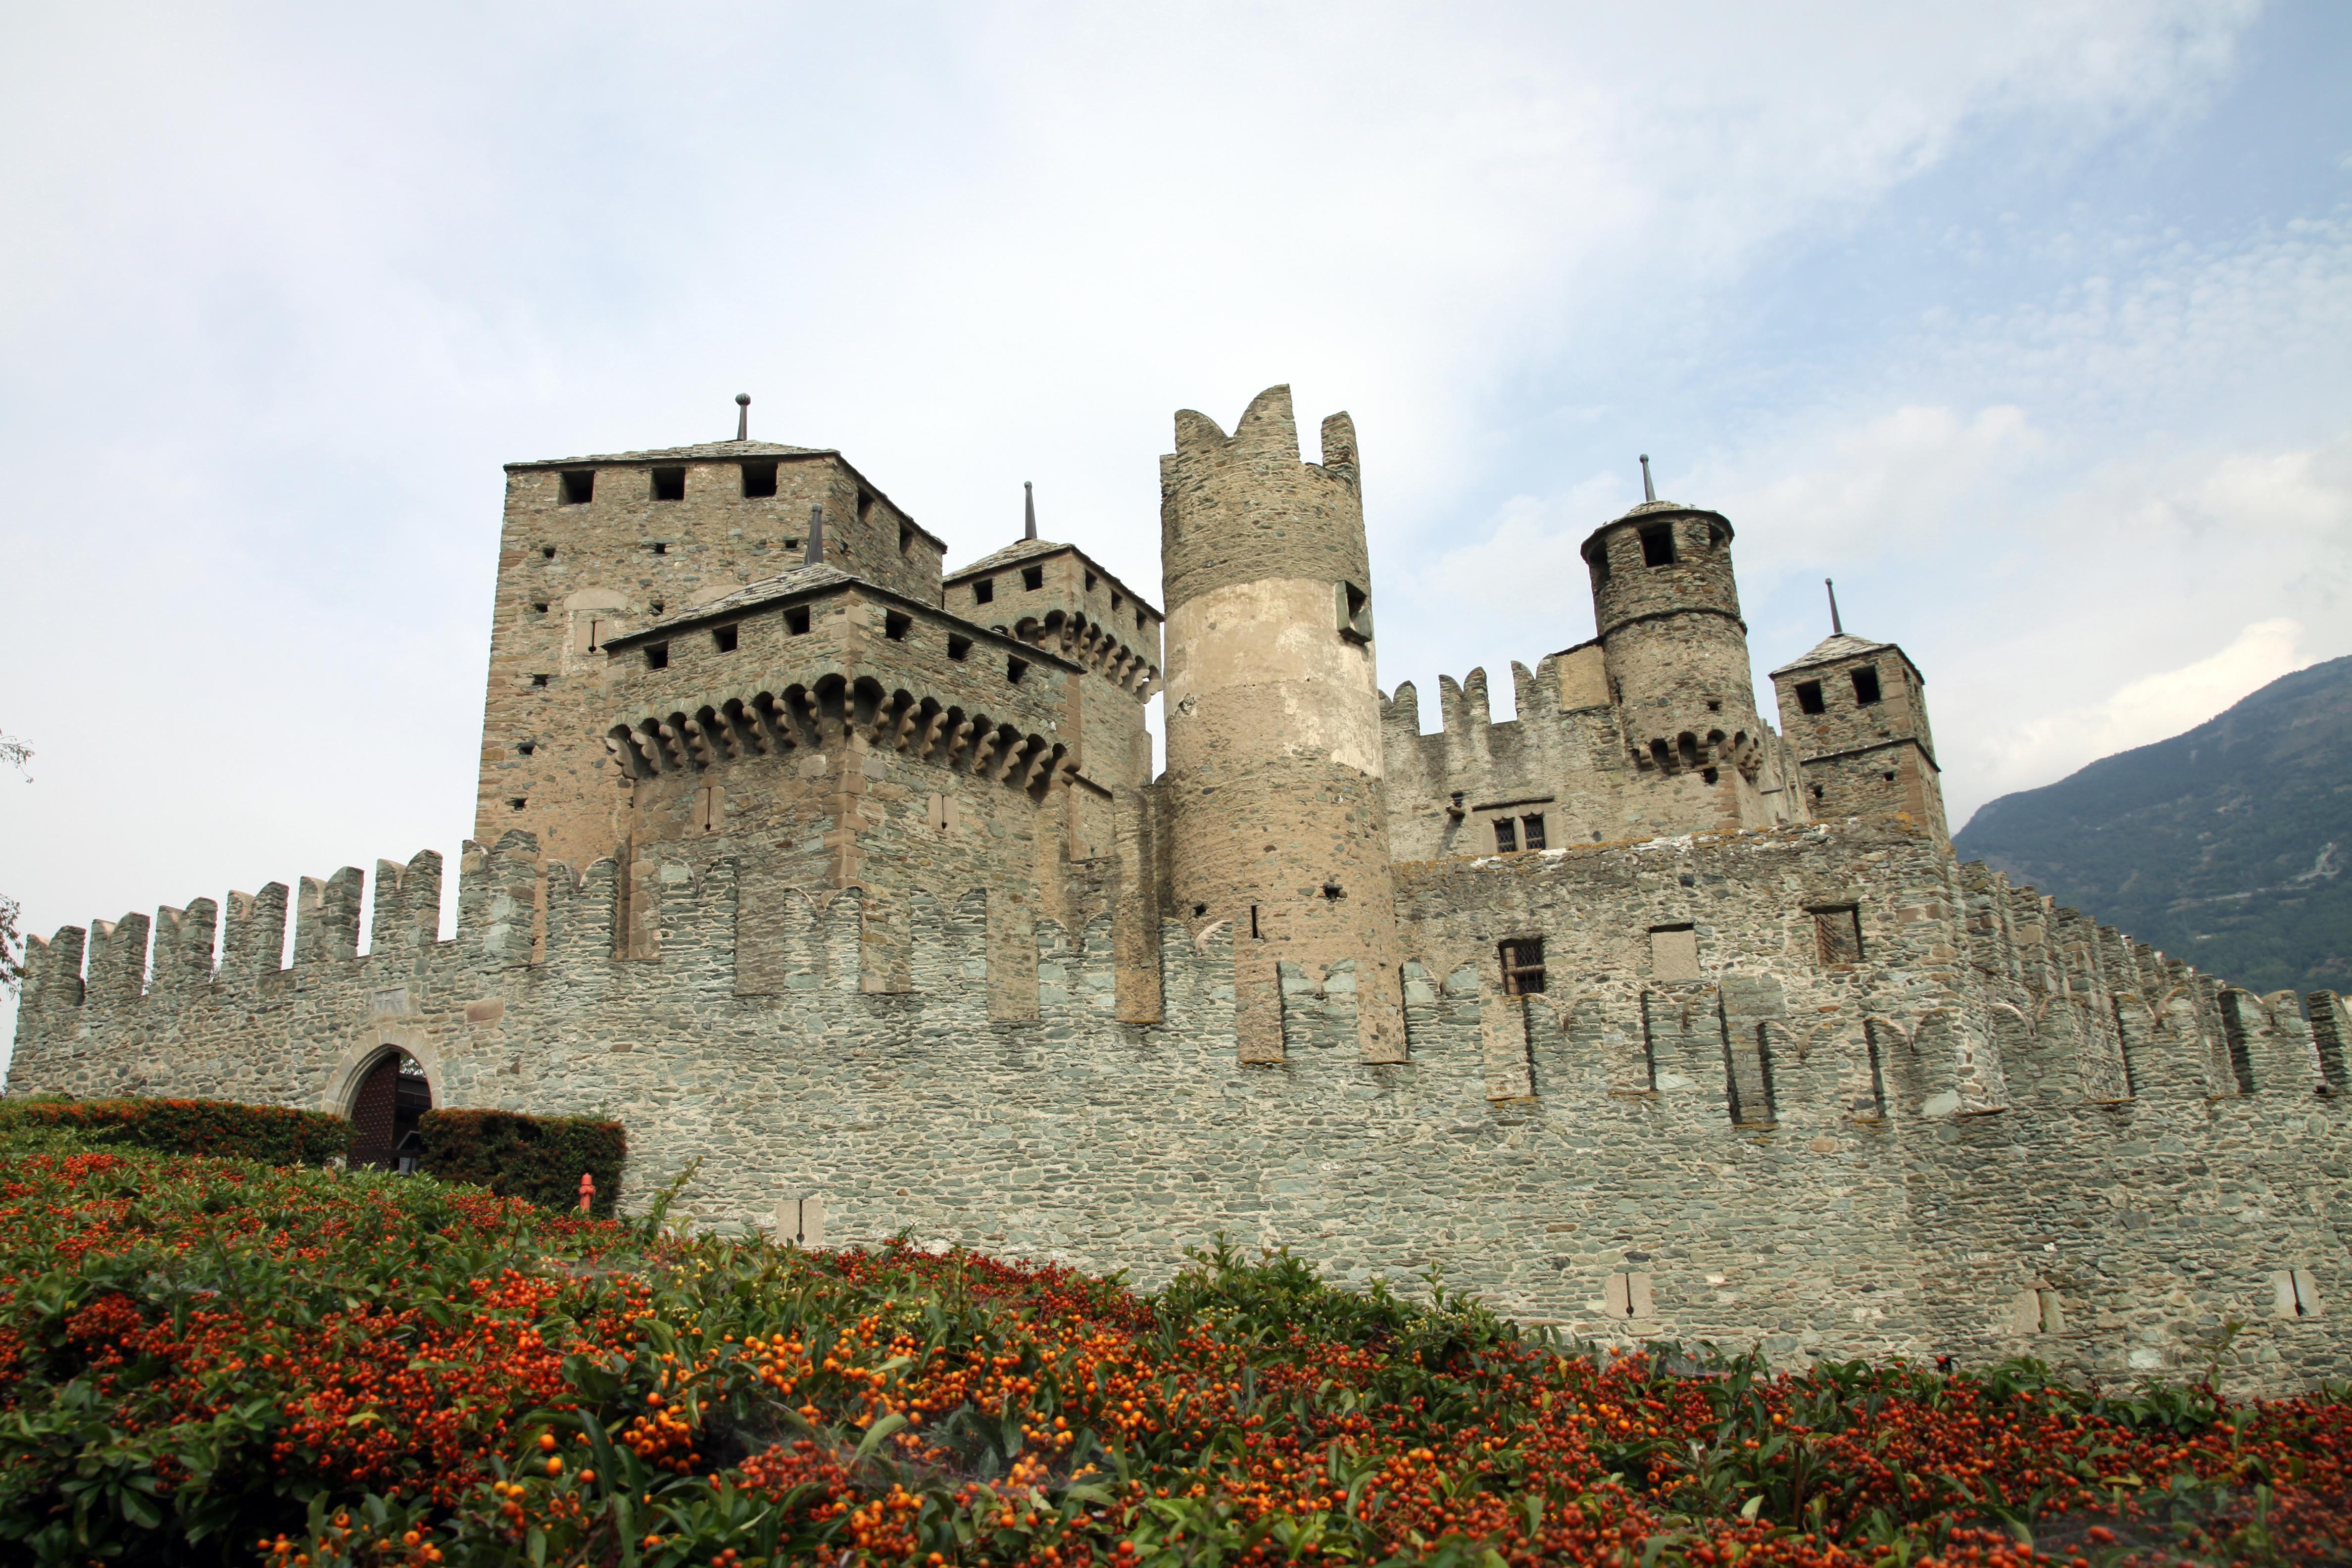 File:Il castello medioevale di Fénis.JPG - Wikimedia Commons